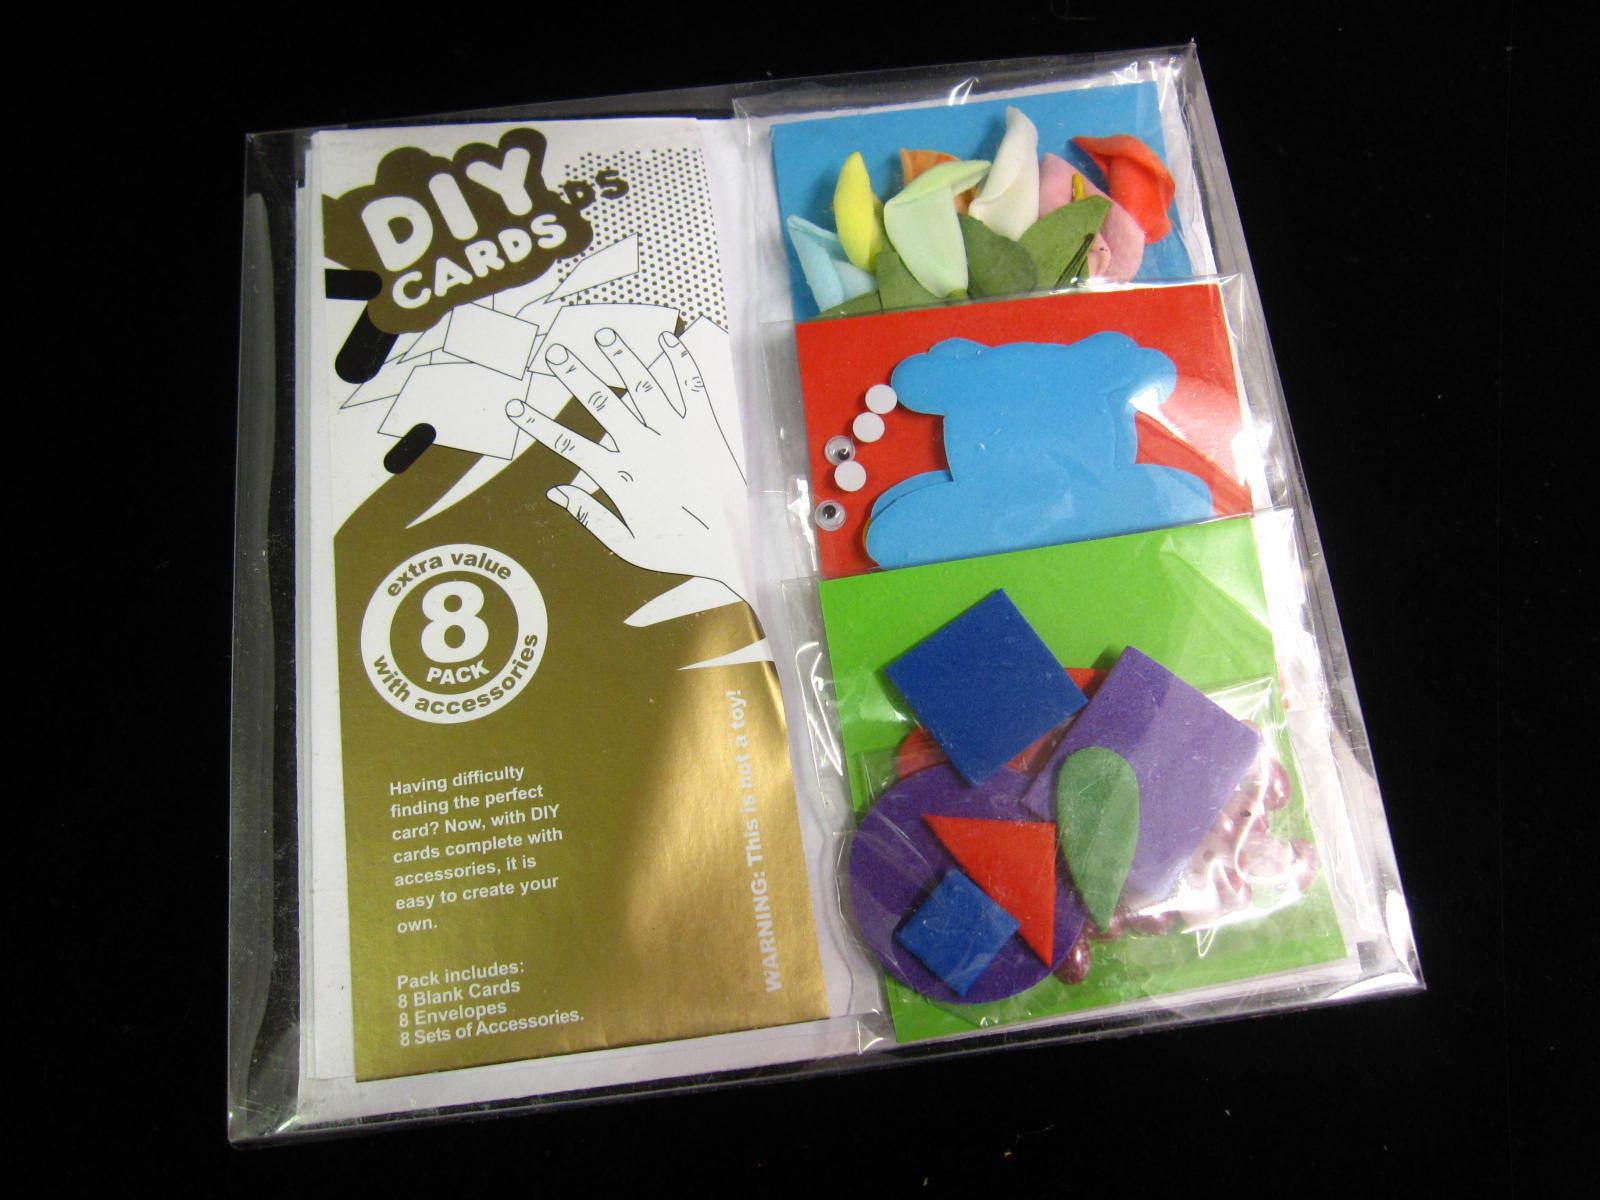 diy card making craft kit set of 8 blank cards envelopes